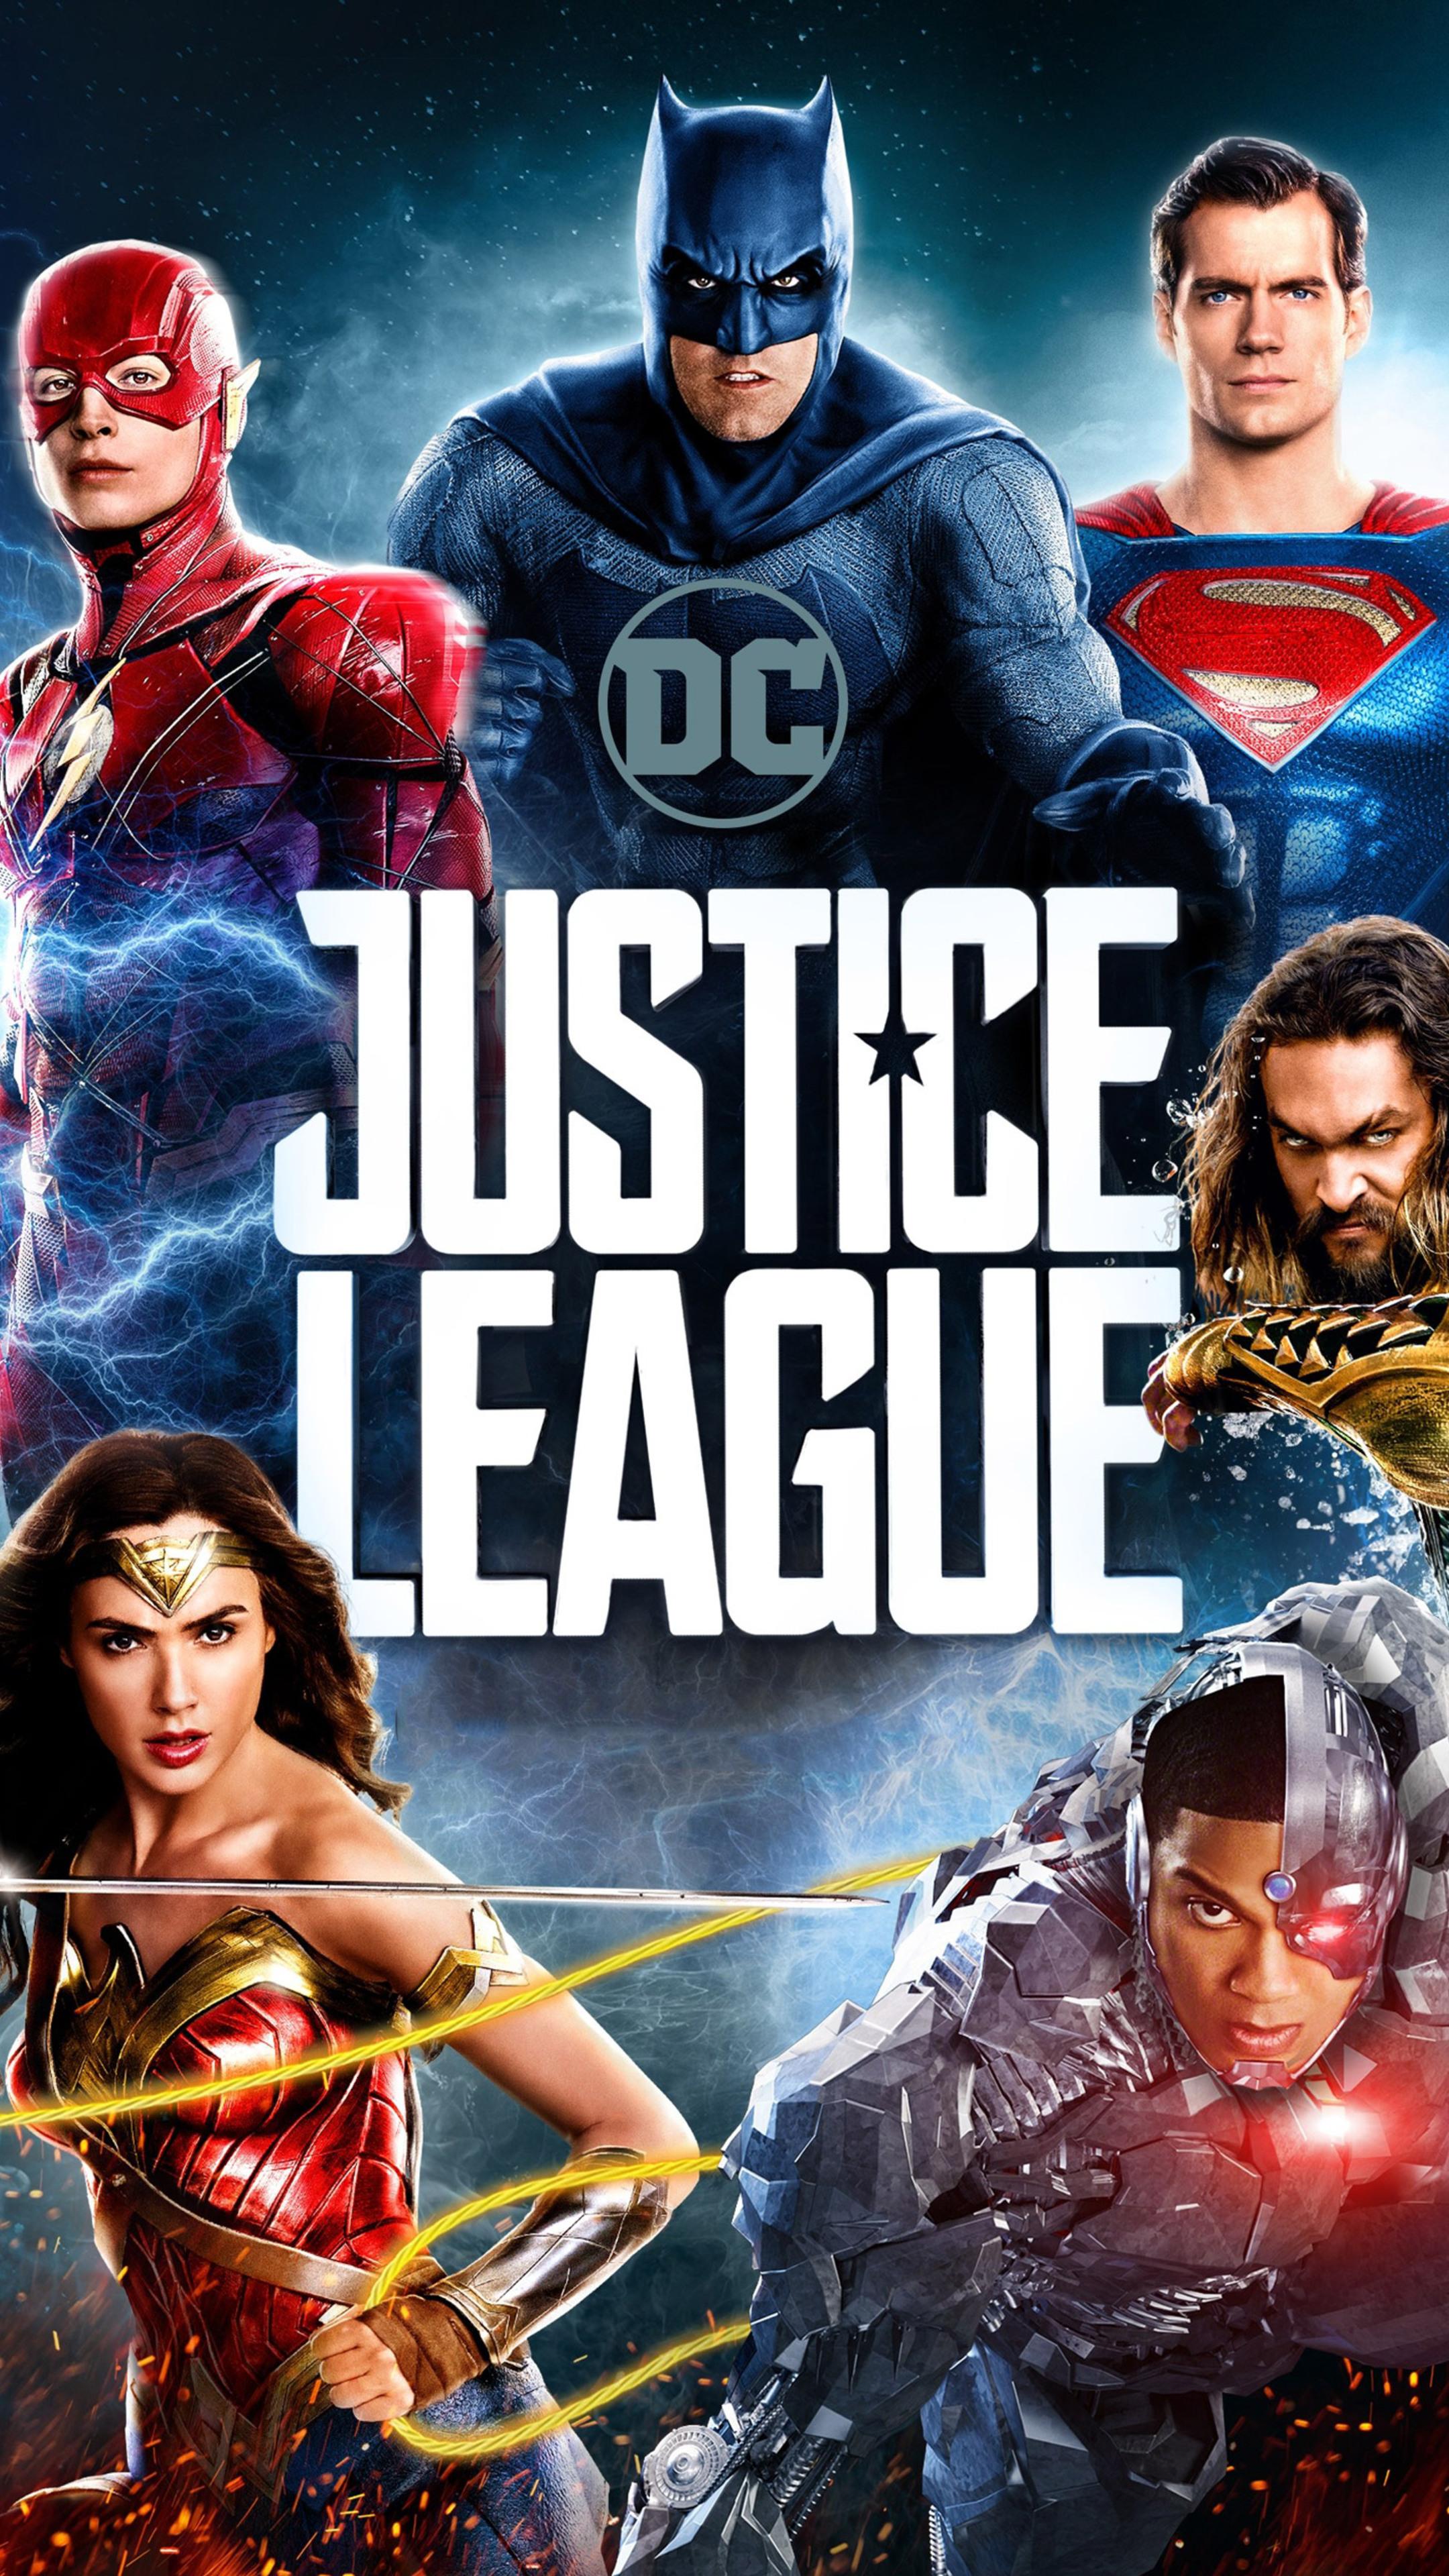 Hd Filme Justice League